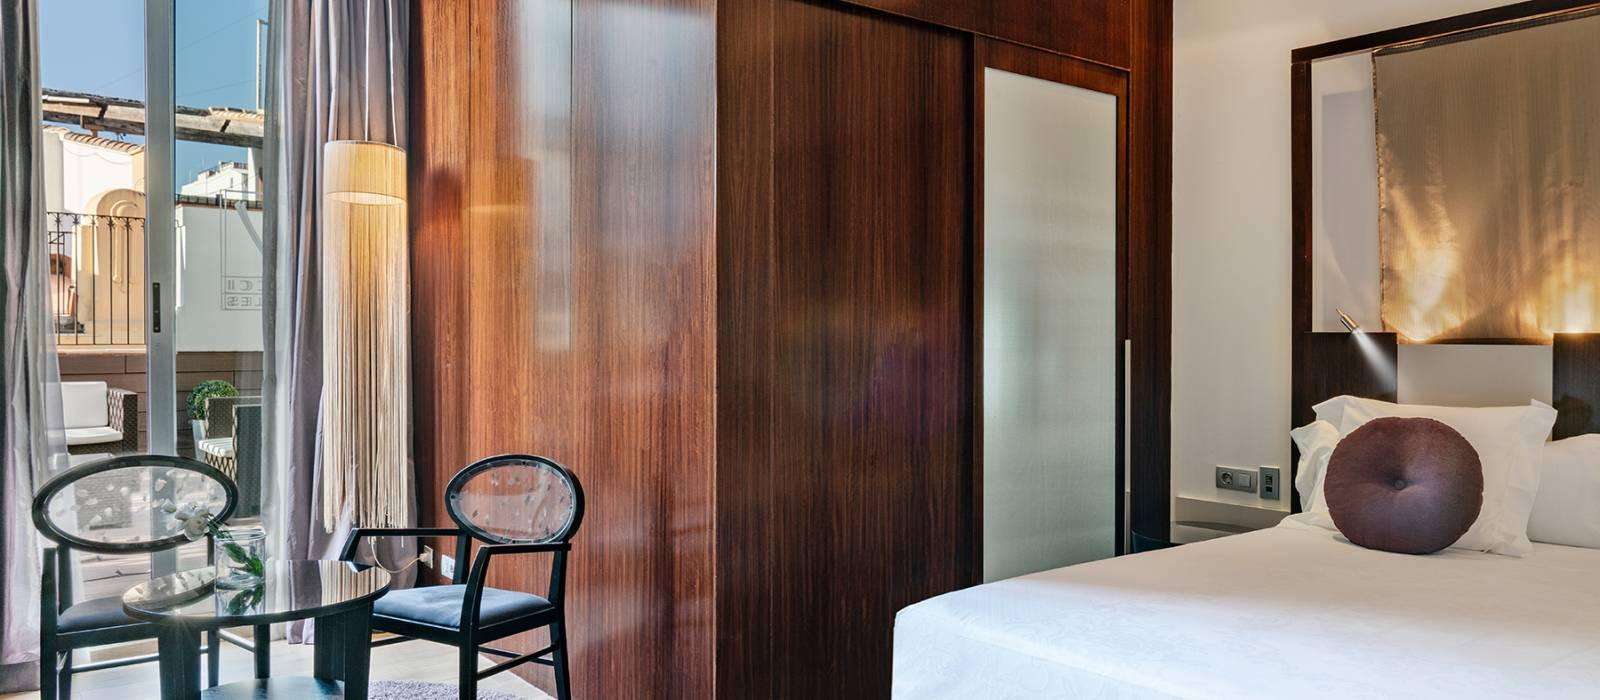 Habitaciones Hotel Vincci Valencia Palace - Habitación Superior